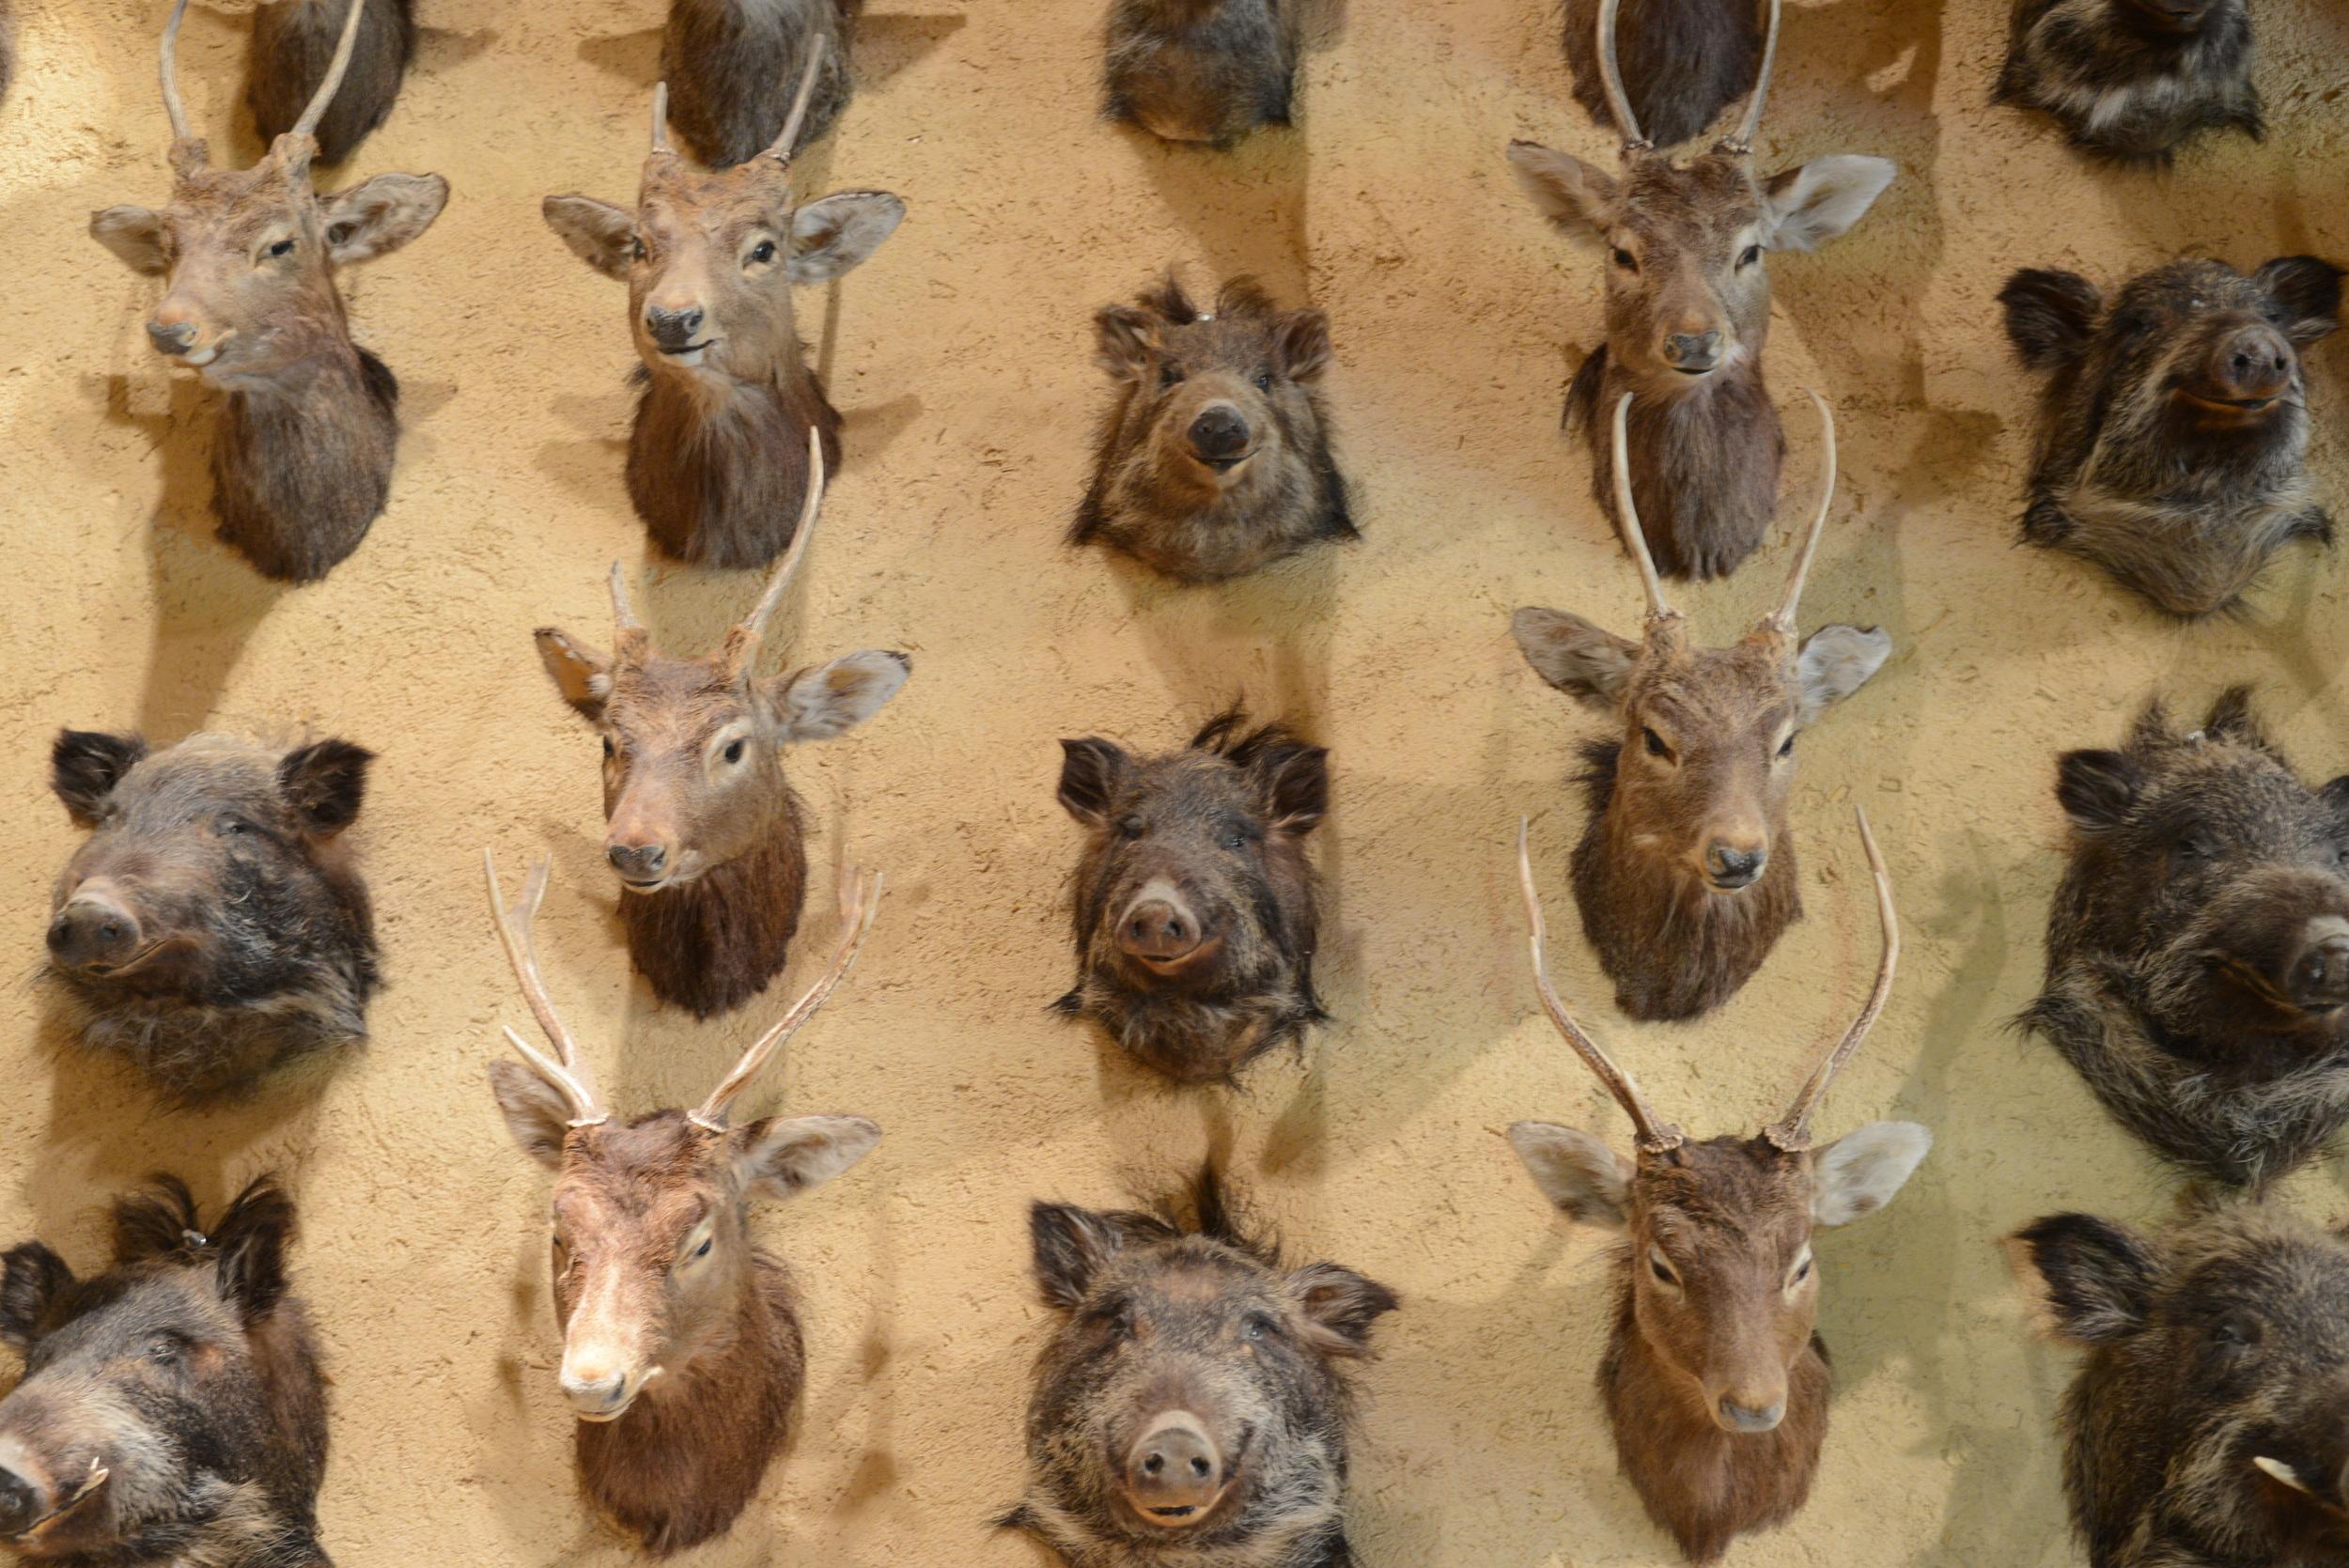 守矢 資料館に飾られてある75の鹿、猪の剥製。この土地では、諏訪大社での御頭祭りにて、75体の鹿の頭をお供え物として献上する風習がある。御頭祭は縄文人の神祭りが基本となっているのだけれども唯一無二の不思議な神事。